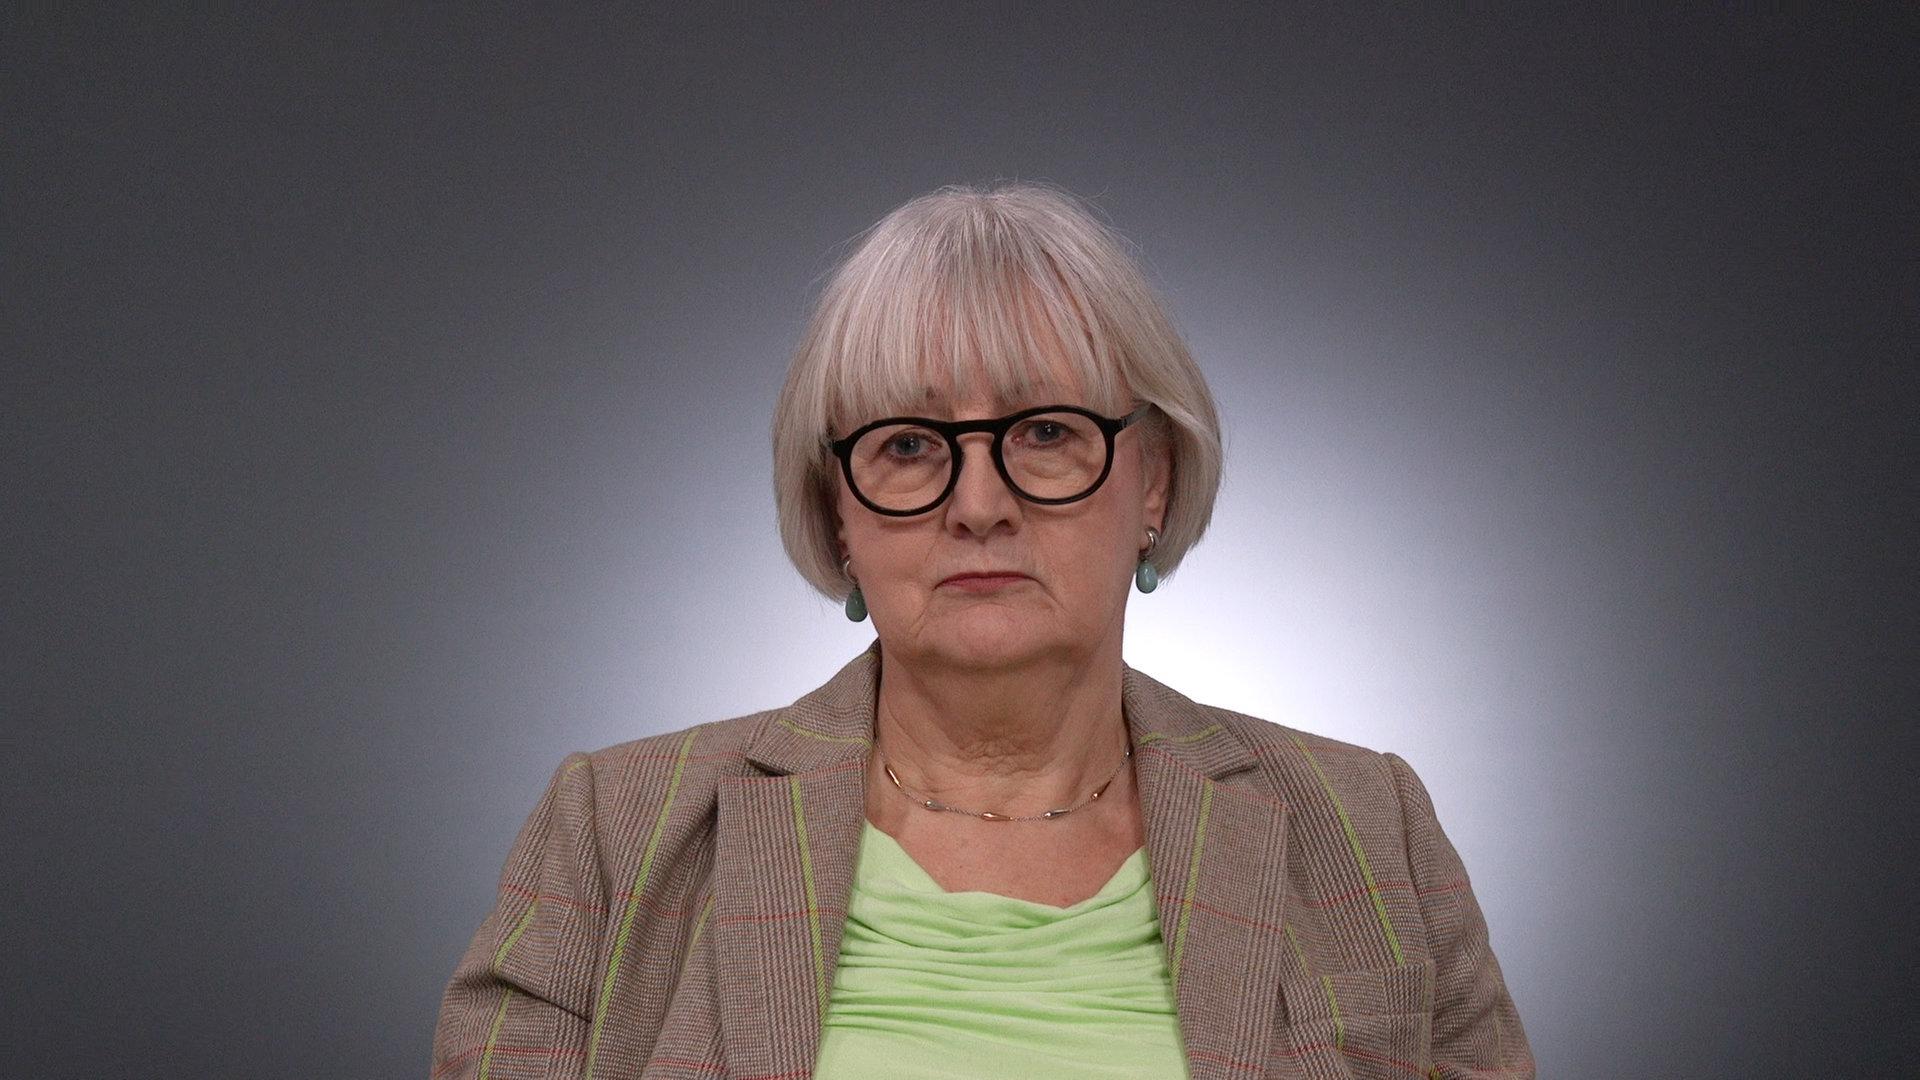 Dagmar Wiedemann, SPD